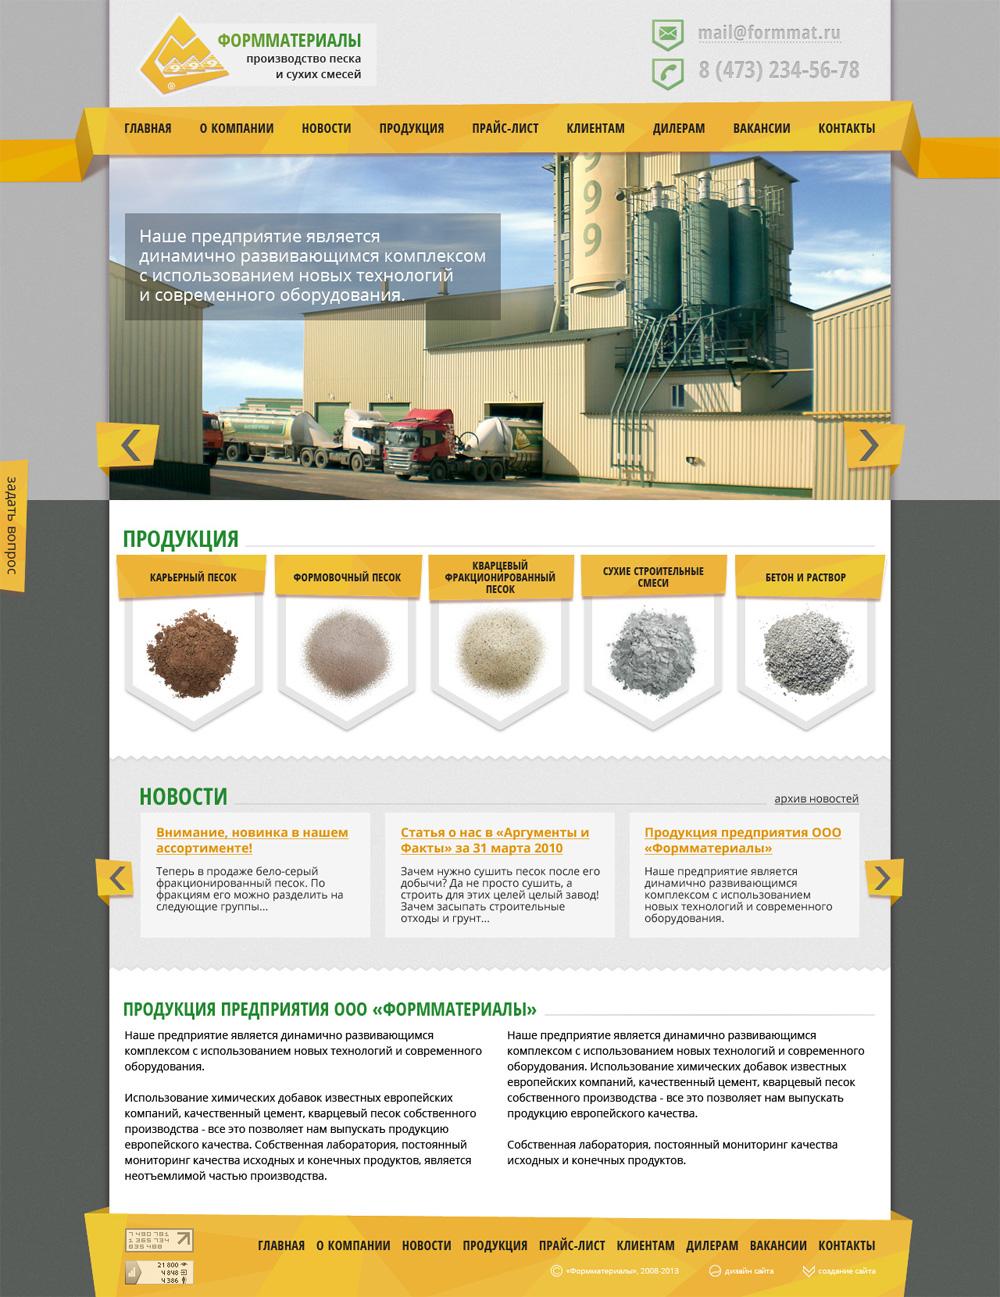 Формматериалы — производство песка и сухих смесей